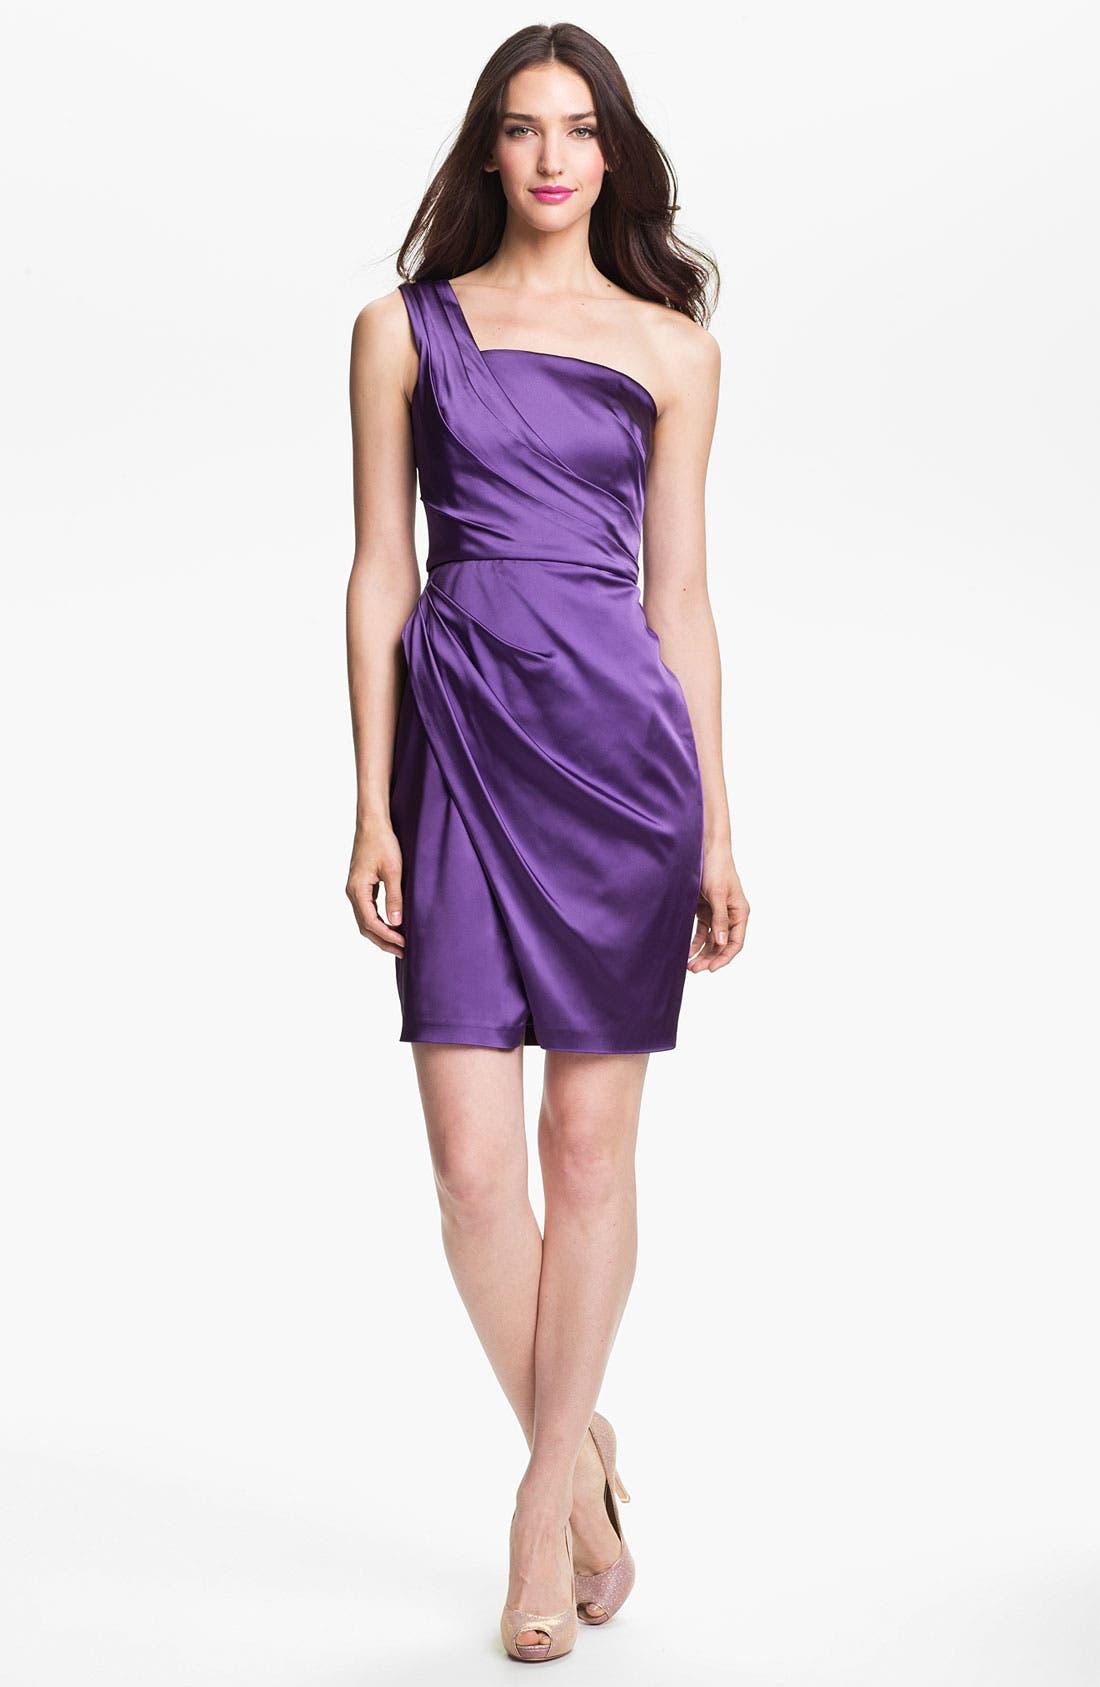 Alternate Image 1 Selected - Jill Stuart One Shoulder Side Ruched Satin Sheath Dress